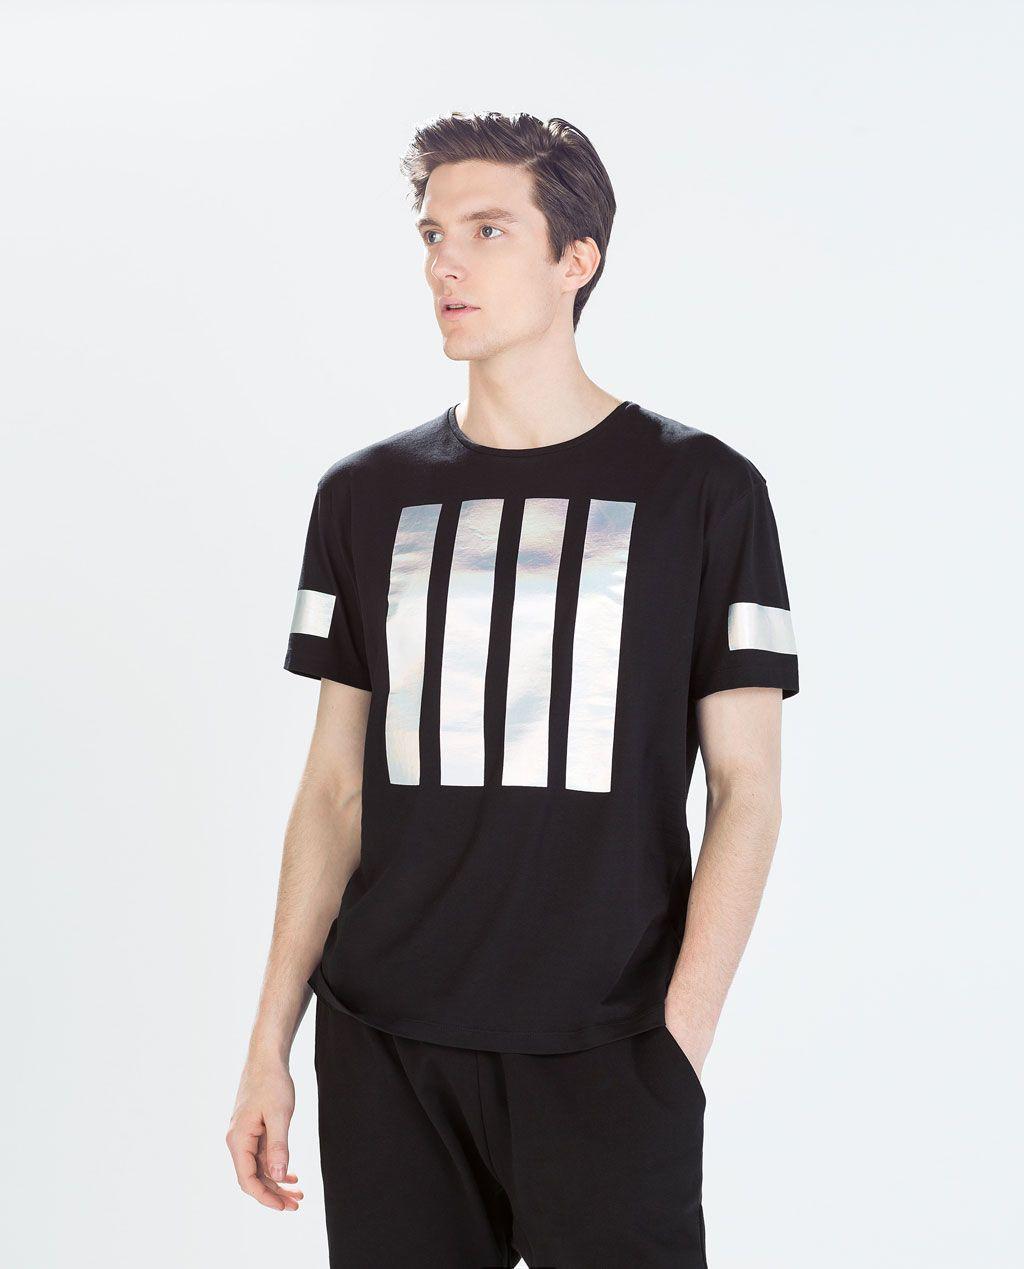 7a4ce0141 ZARA - HOMBRE - CAMISETA MANGA CORTA | R O P A en 2019 | Camiseta ...